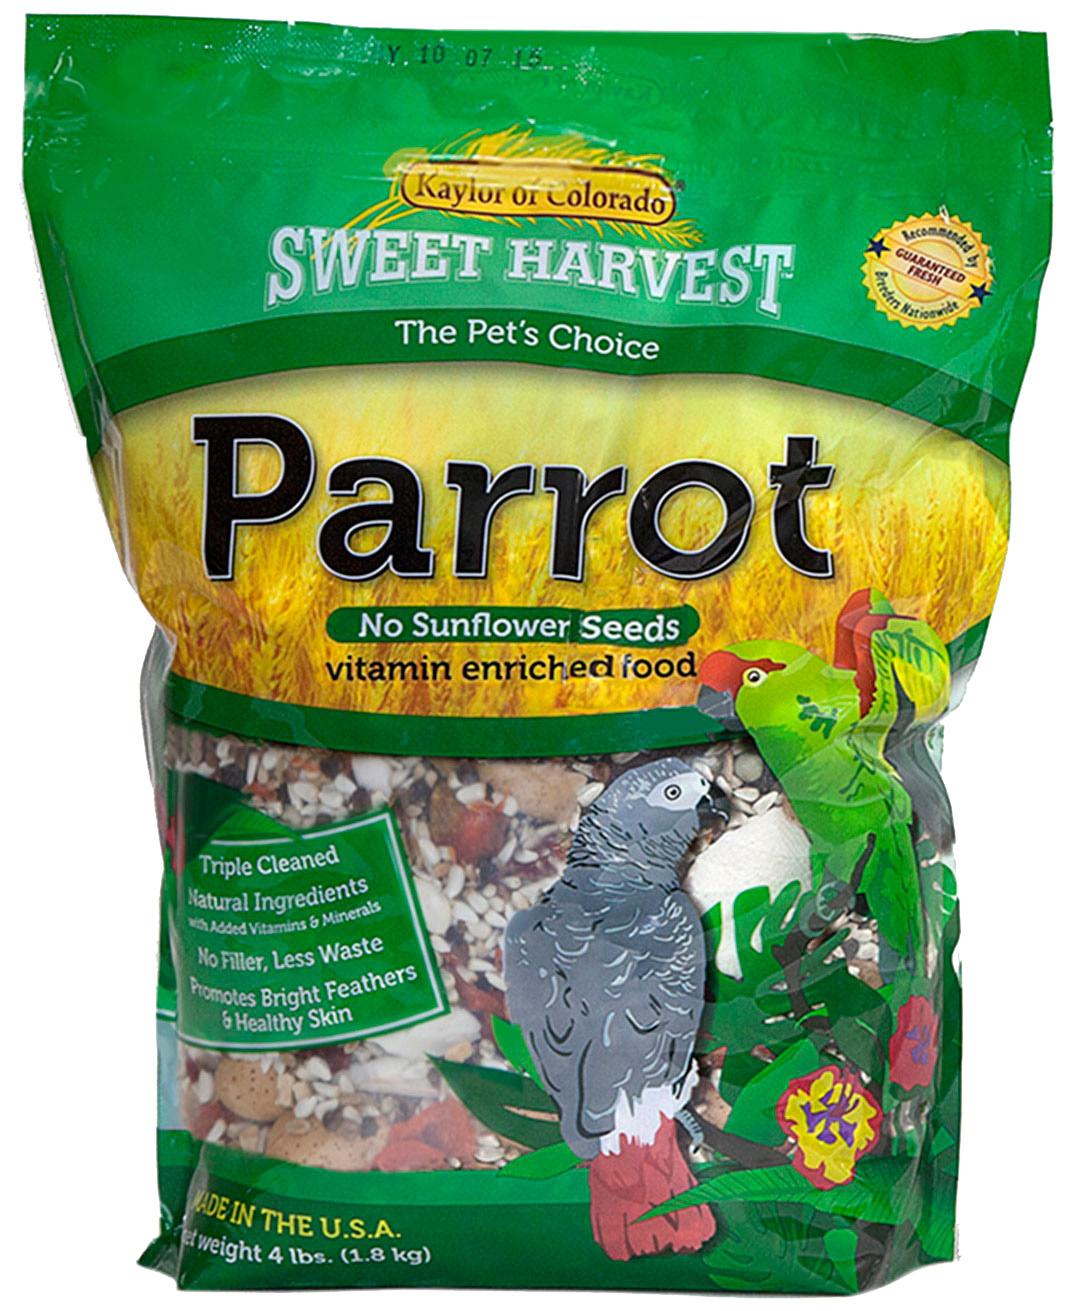 Kaylor Sweet Harvest Enriched Parrot w/o Sunflower Seeds Food, 2-lb